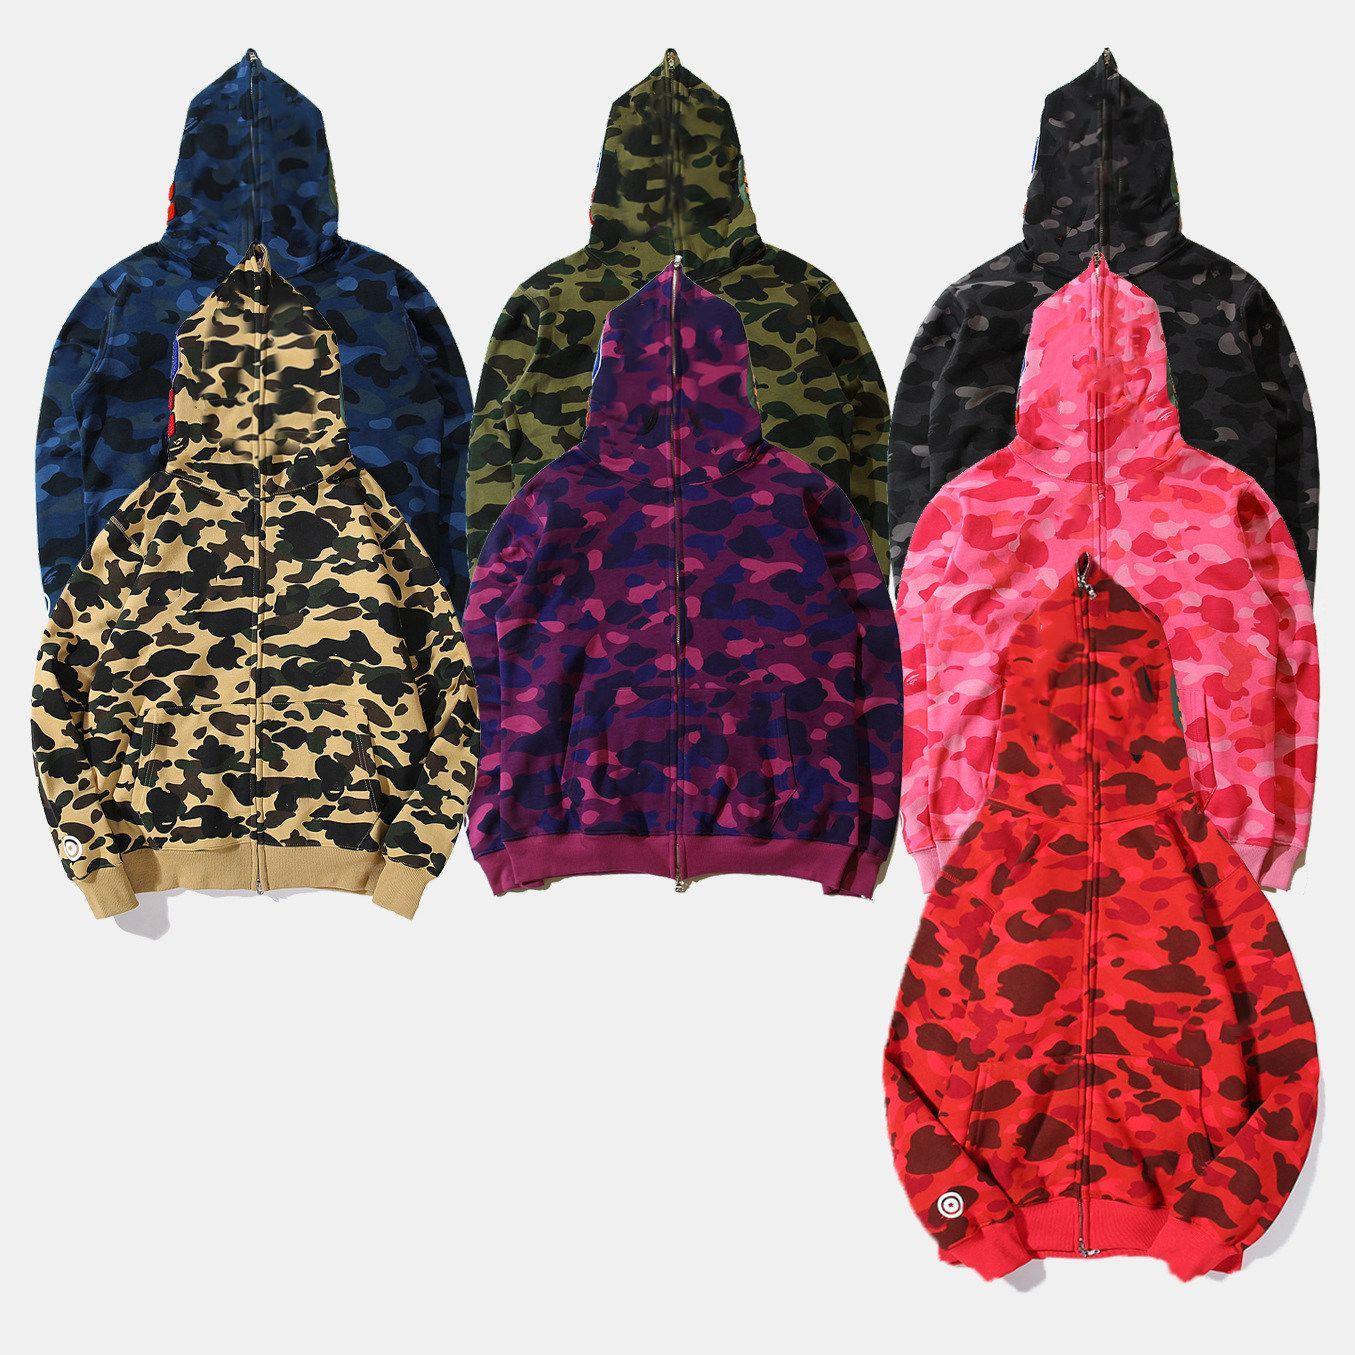 المصمم الشهير الرجال سترة هوديي سترة التمويه سمك القرش رئيس الخريف والشتاء القطن الخالص موسم متعدد الألوان S-XXL الحجم